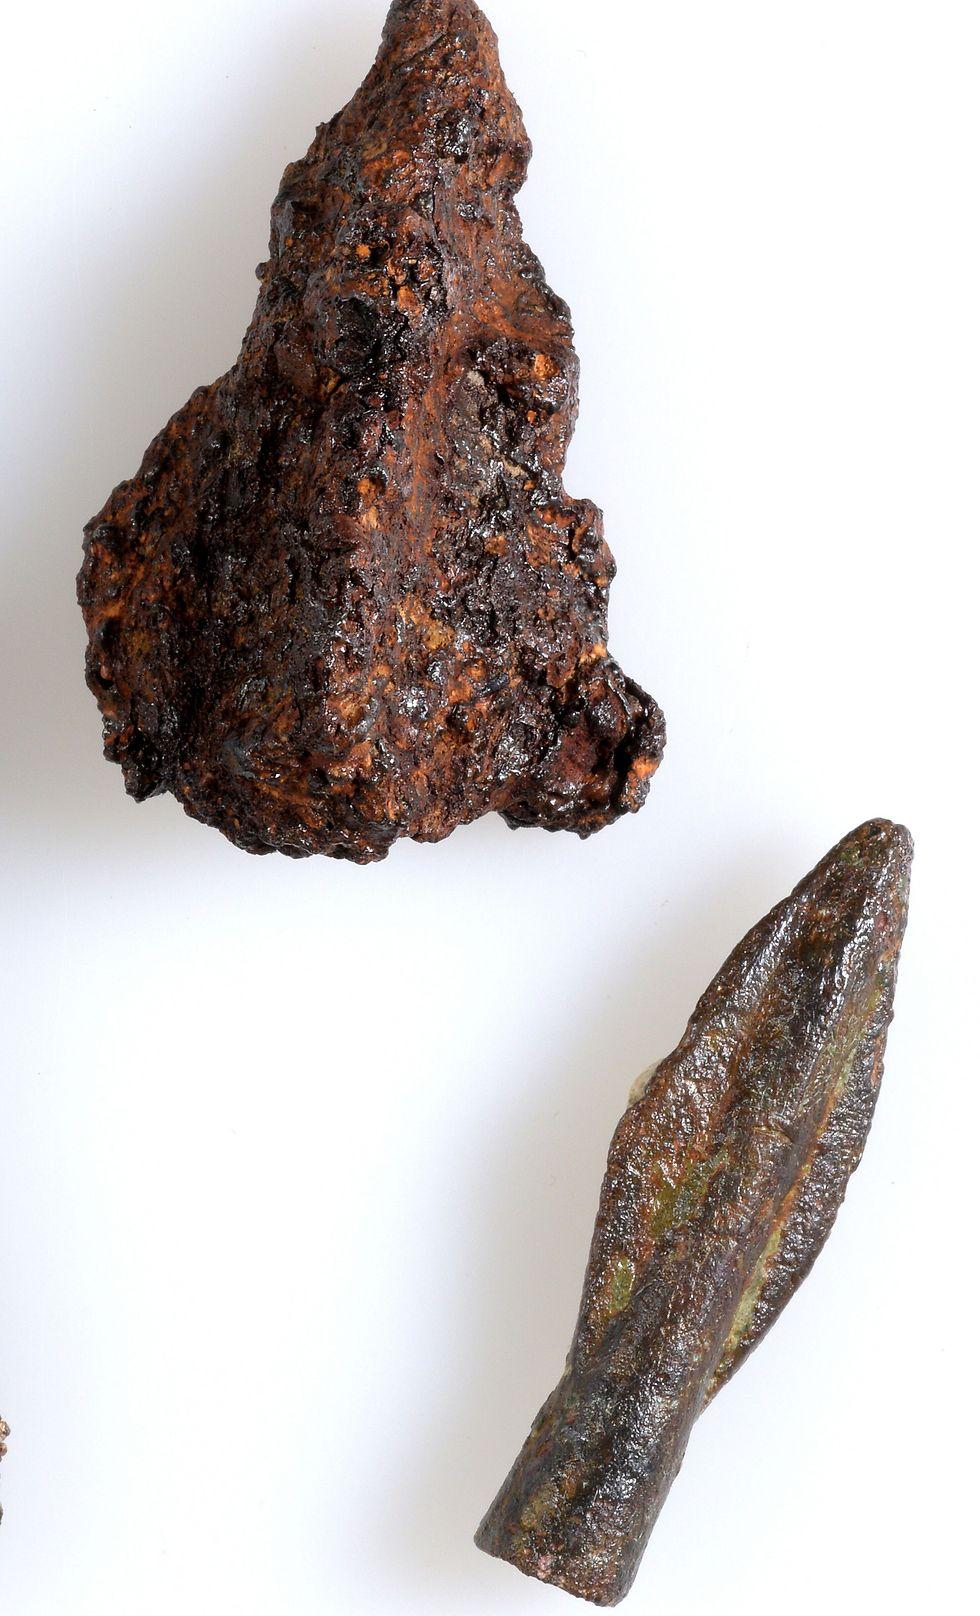 ראשי חץ שנחשפו בחפירה ( צילום: קלרה עמית, באדיבות רשות העתיקות) ( צילום: קלרה עמית, באדיבות רשות העתיקות)